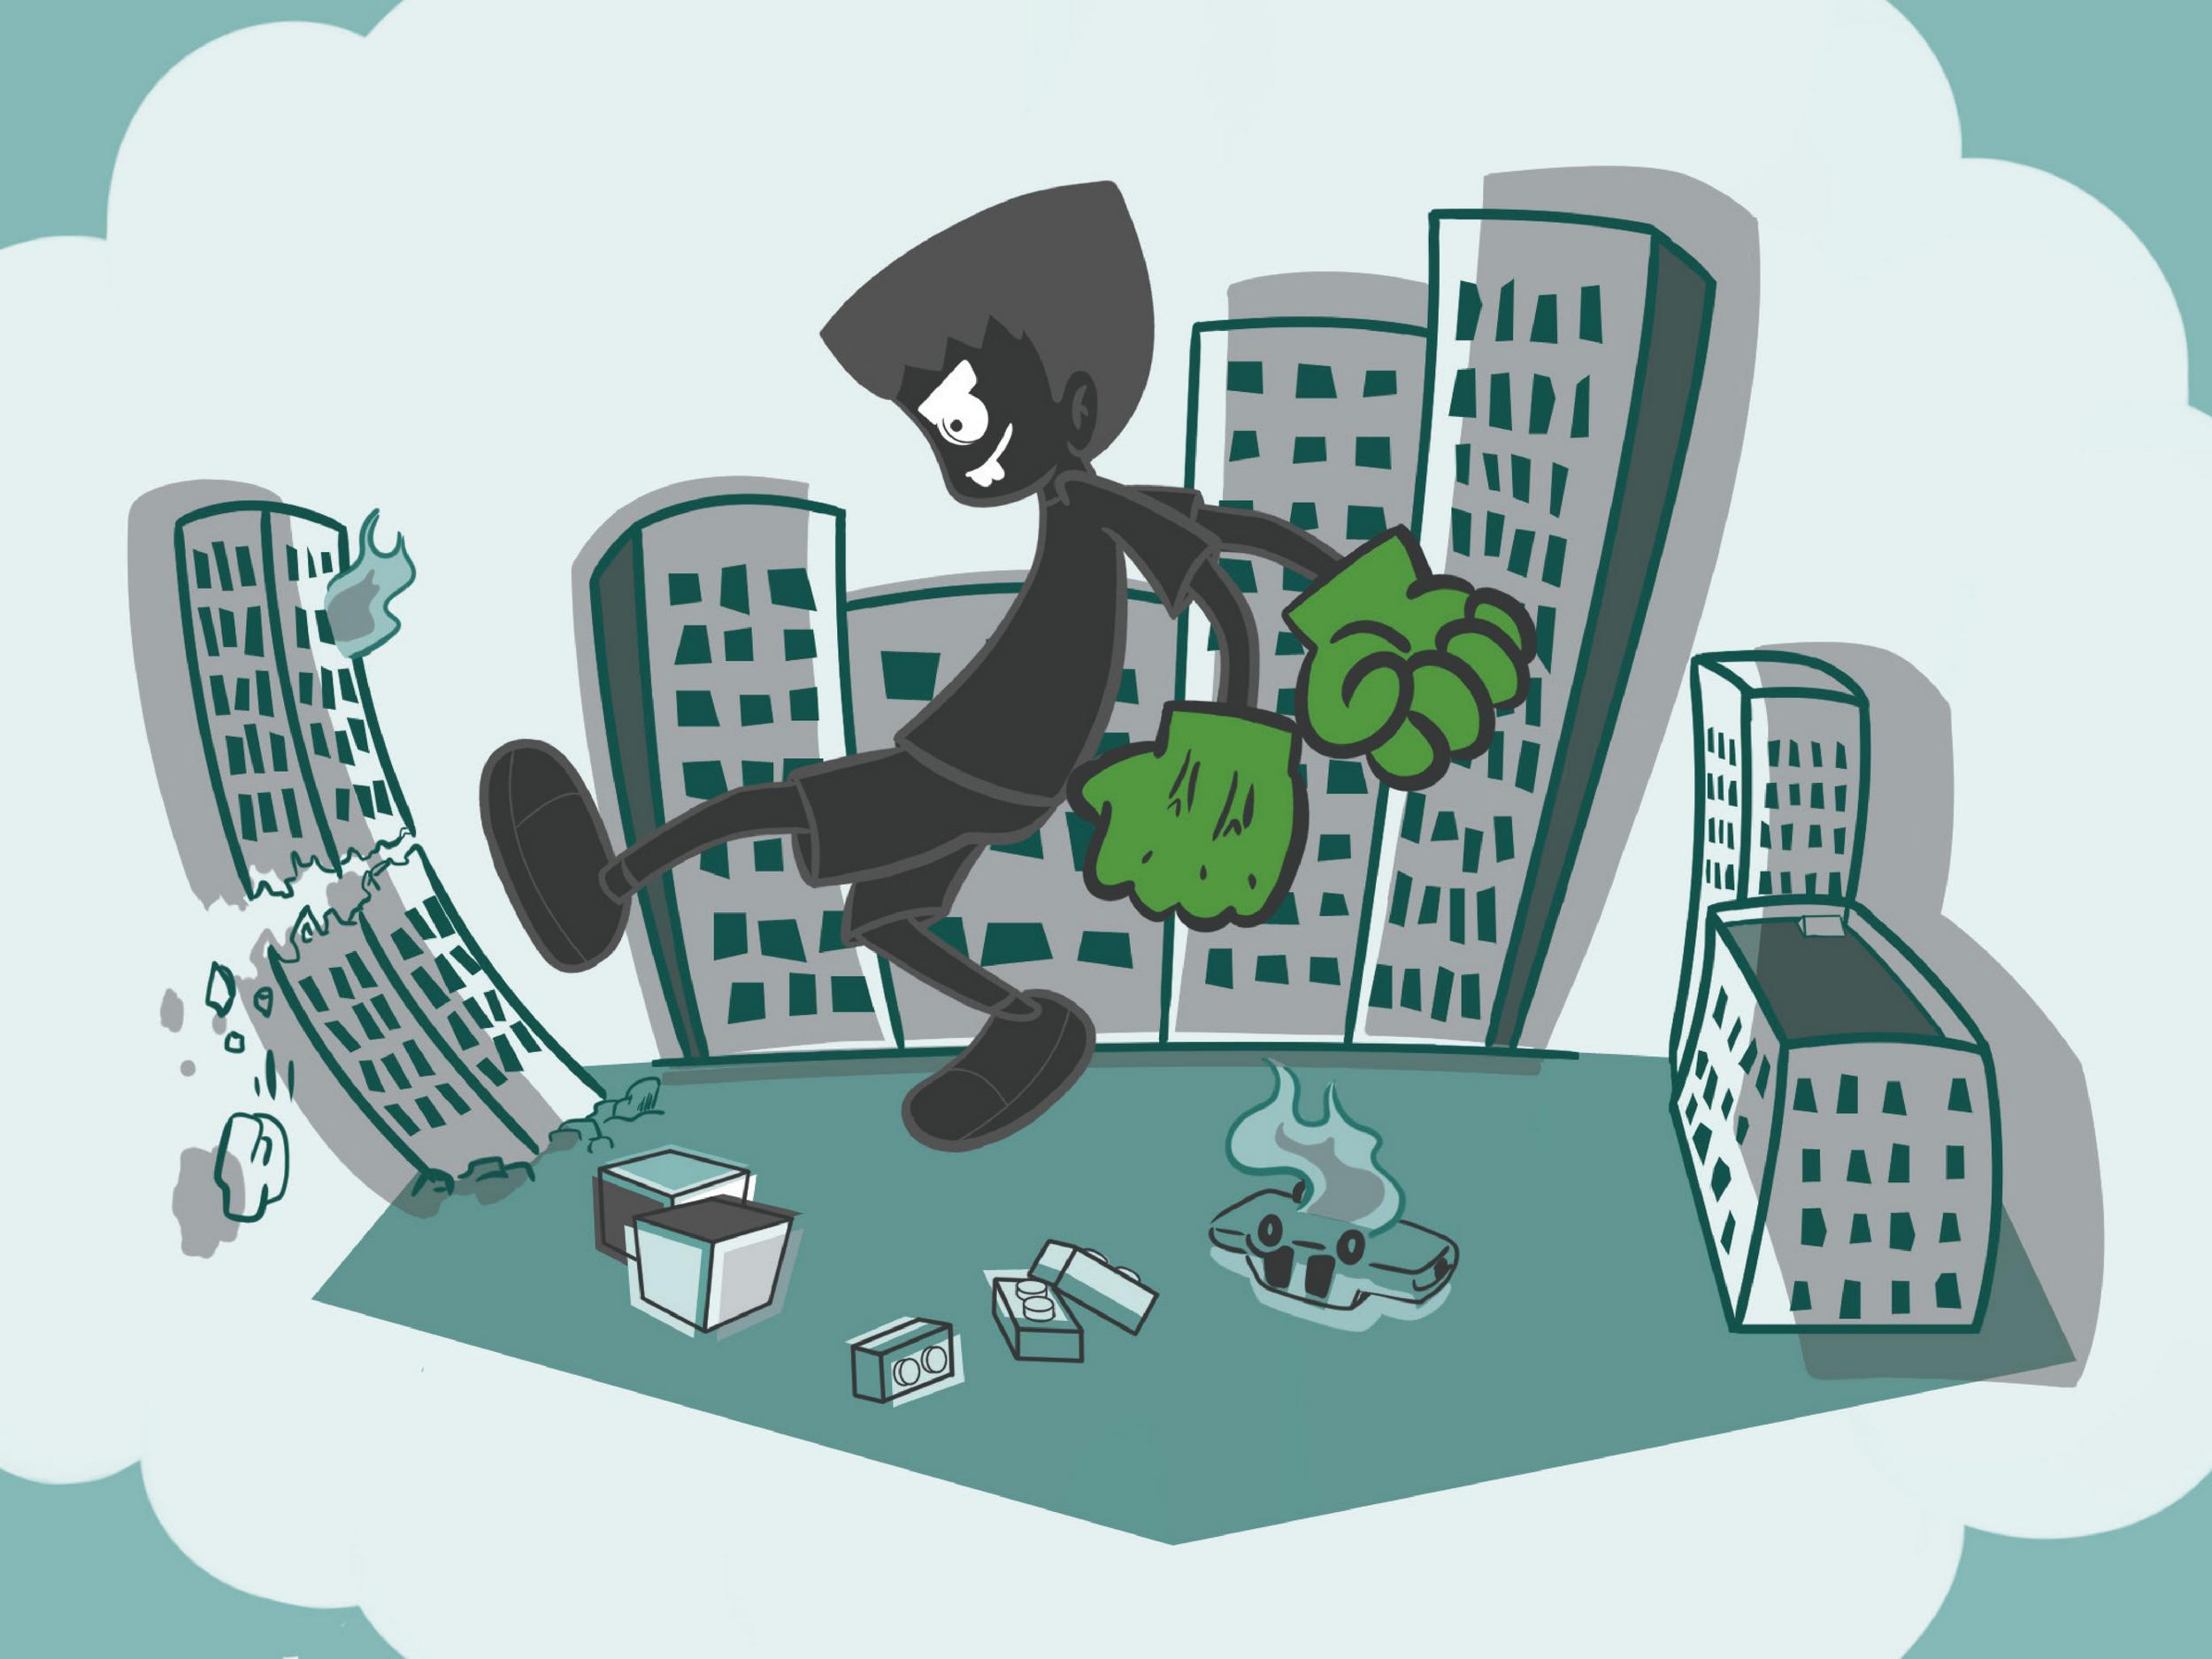 El_niño_puños_Hulk_Javi_Fernandez_Mañas_El niño con los puños de Hulk_page-0004_2500_0004